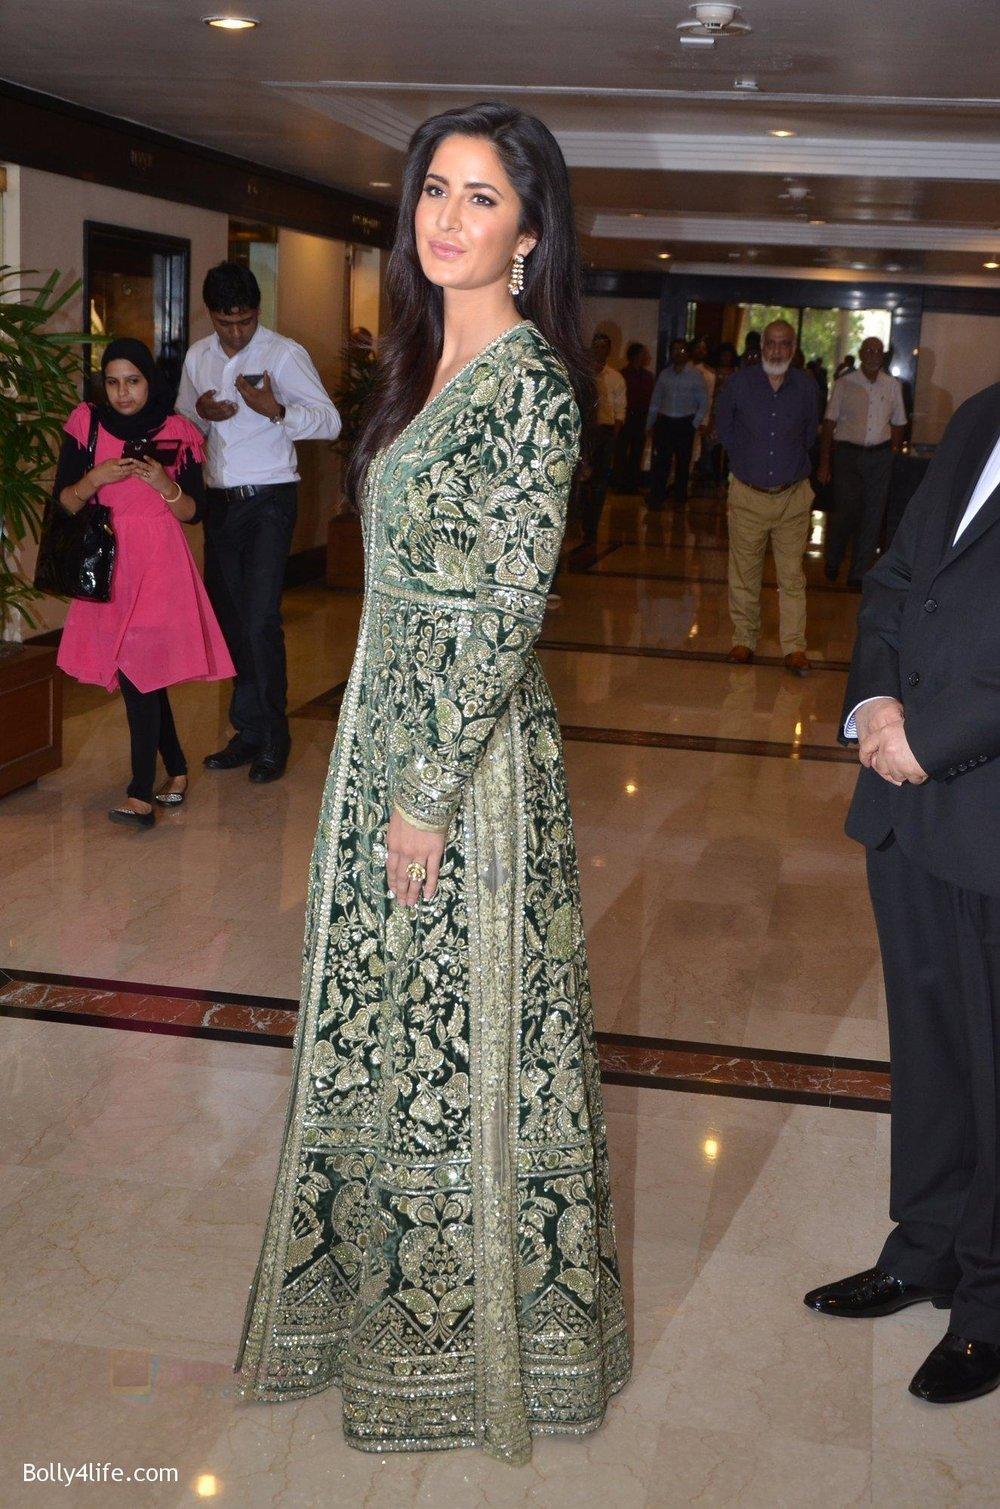 Katrina-Kaif-at-Priyadarshni-Award-on-19th-Set-2016-24.jpg